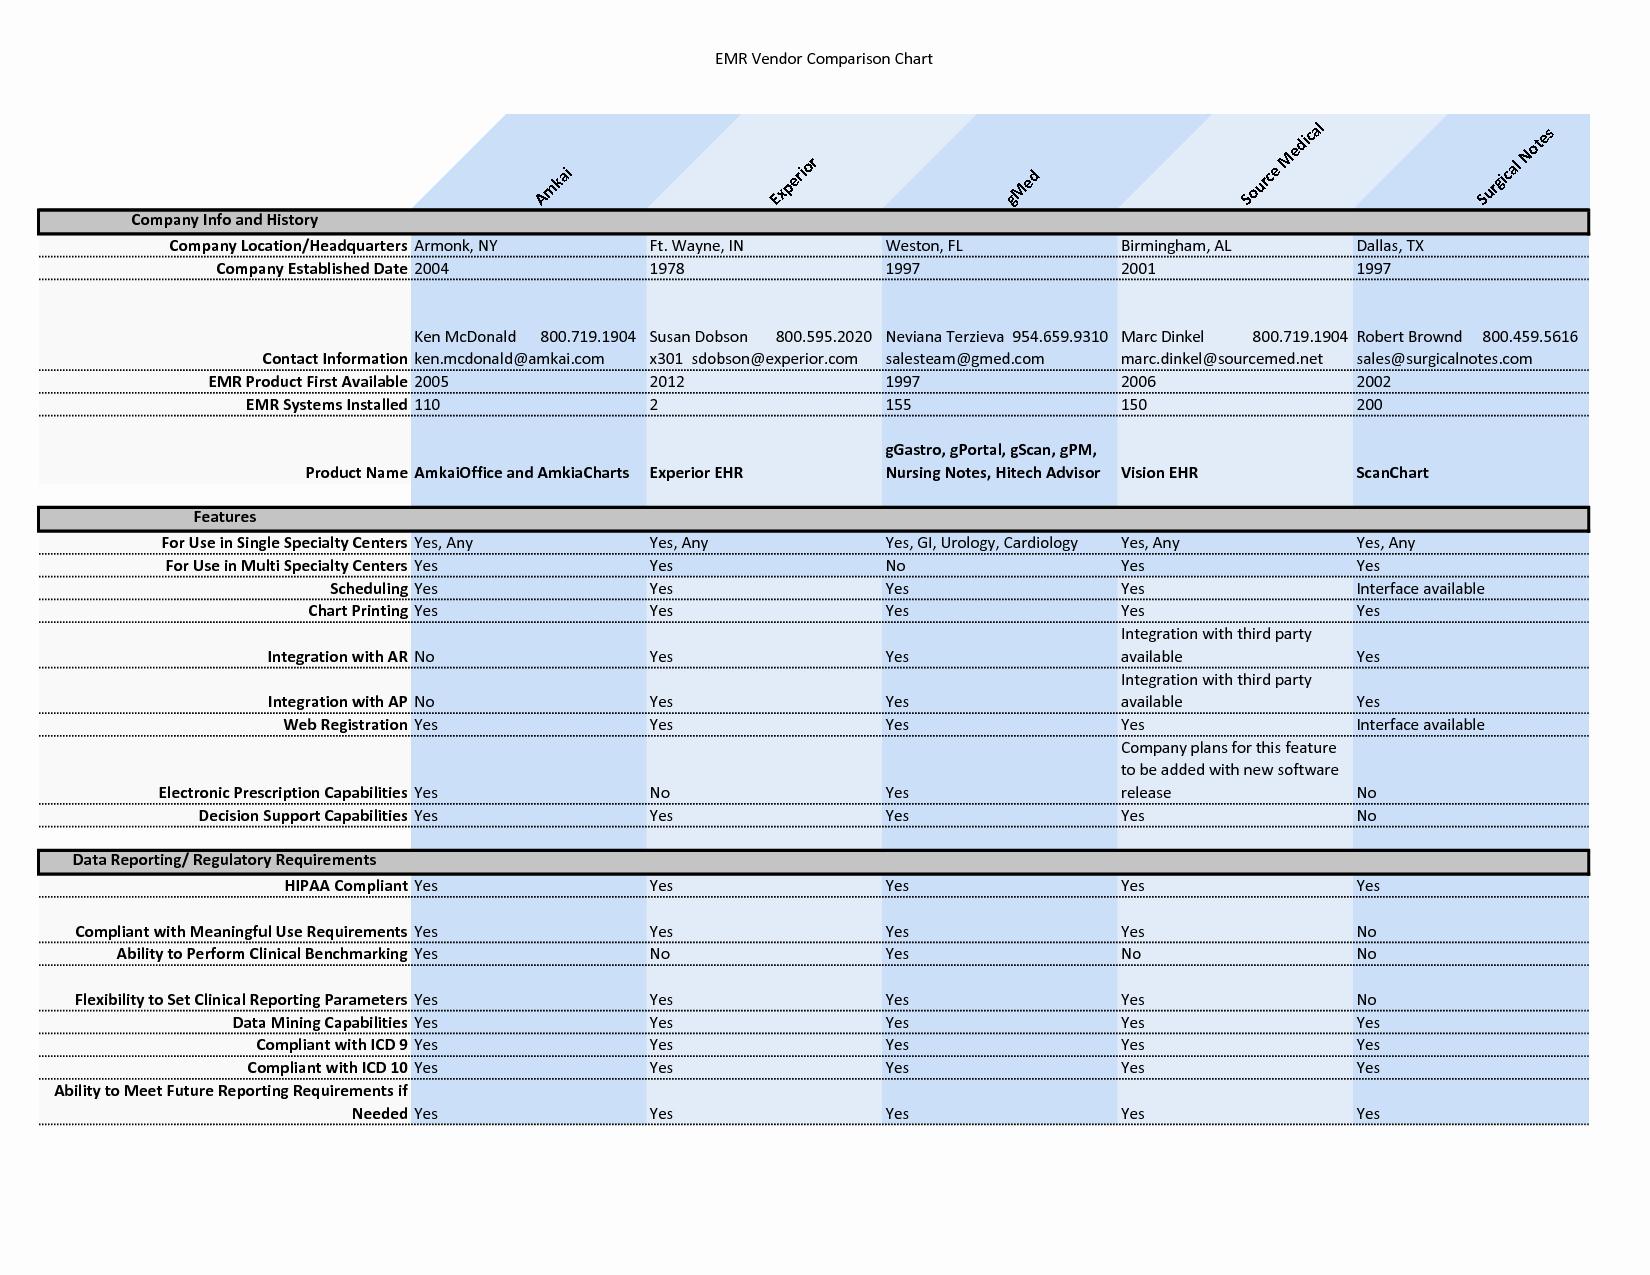 Vendor Comparison Template Lovely Template Vendor Parison Matrix Supplier Chart